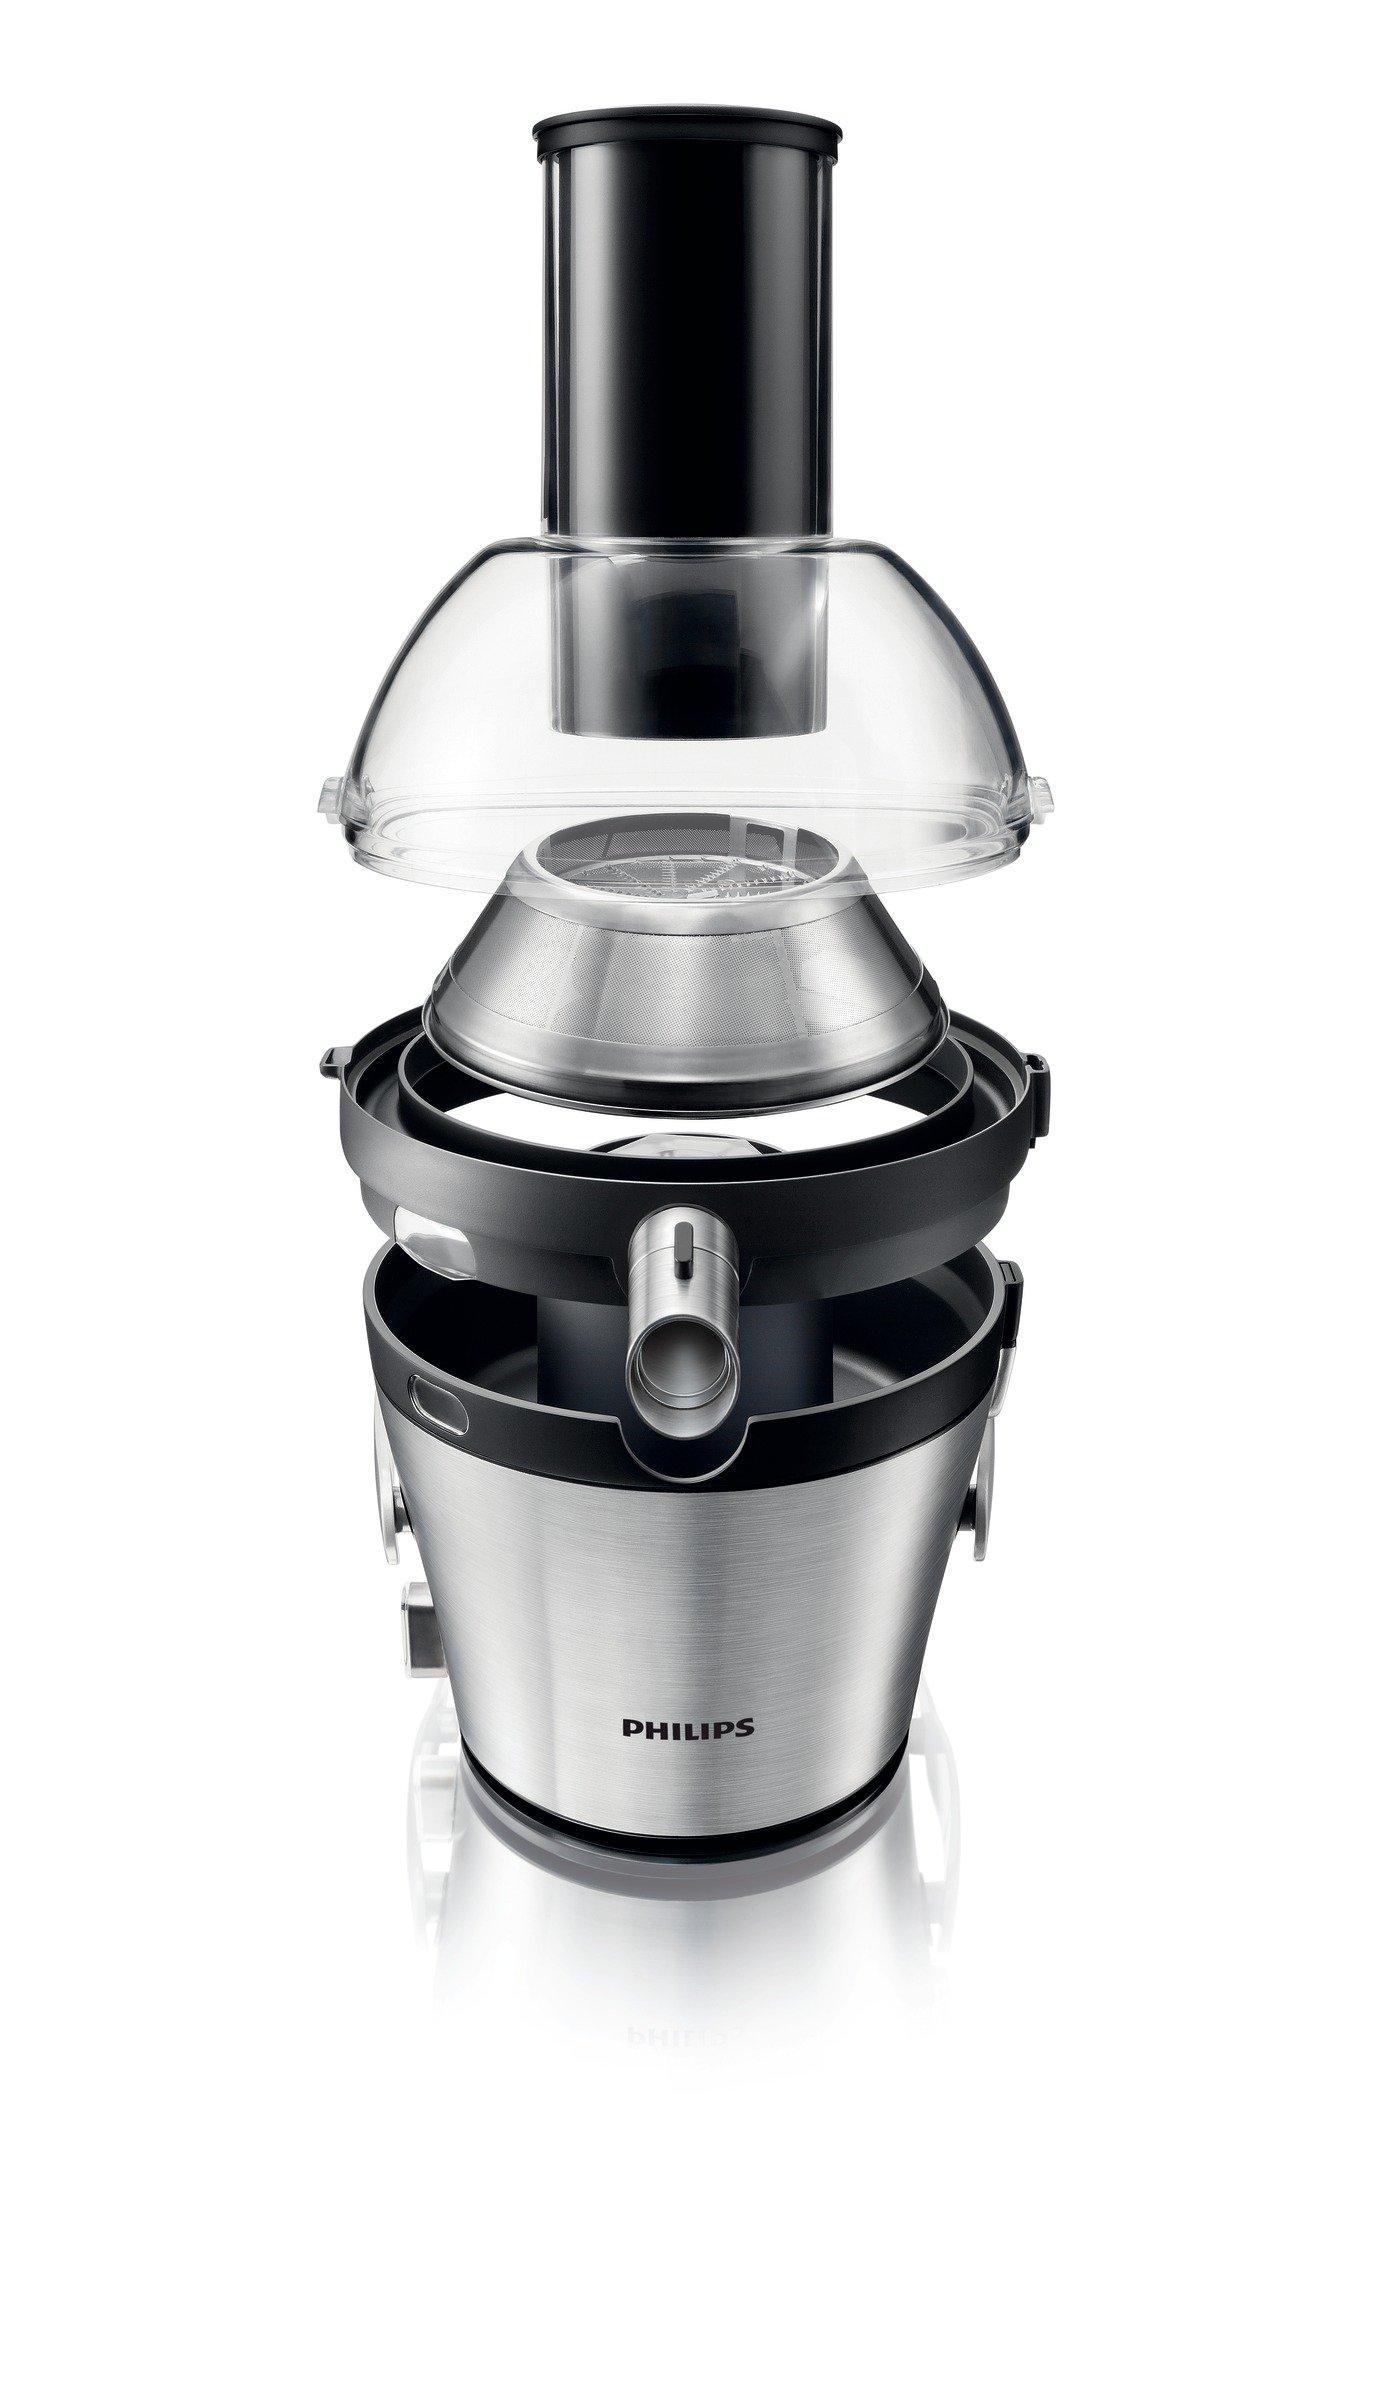 Philips HR1871/10 - Licuadora Avance Collection, 1000 W, prepara 2,5 litros de zumo de una sola vez, orificio de entrada XXL, 2 velocidades para frutas y verduras: Amazon.es: Hogar